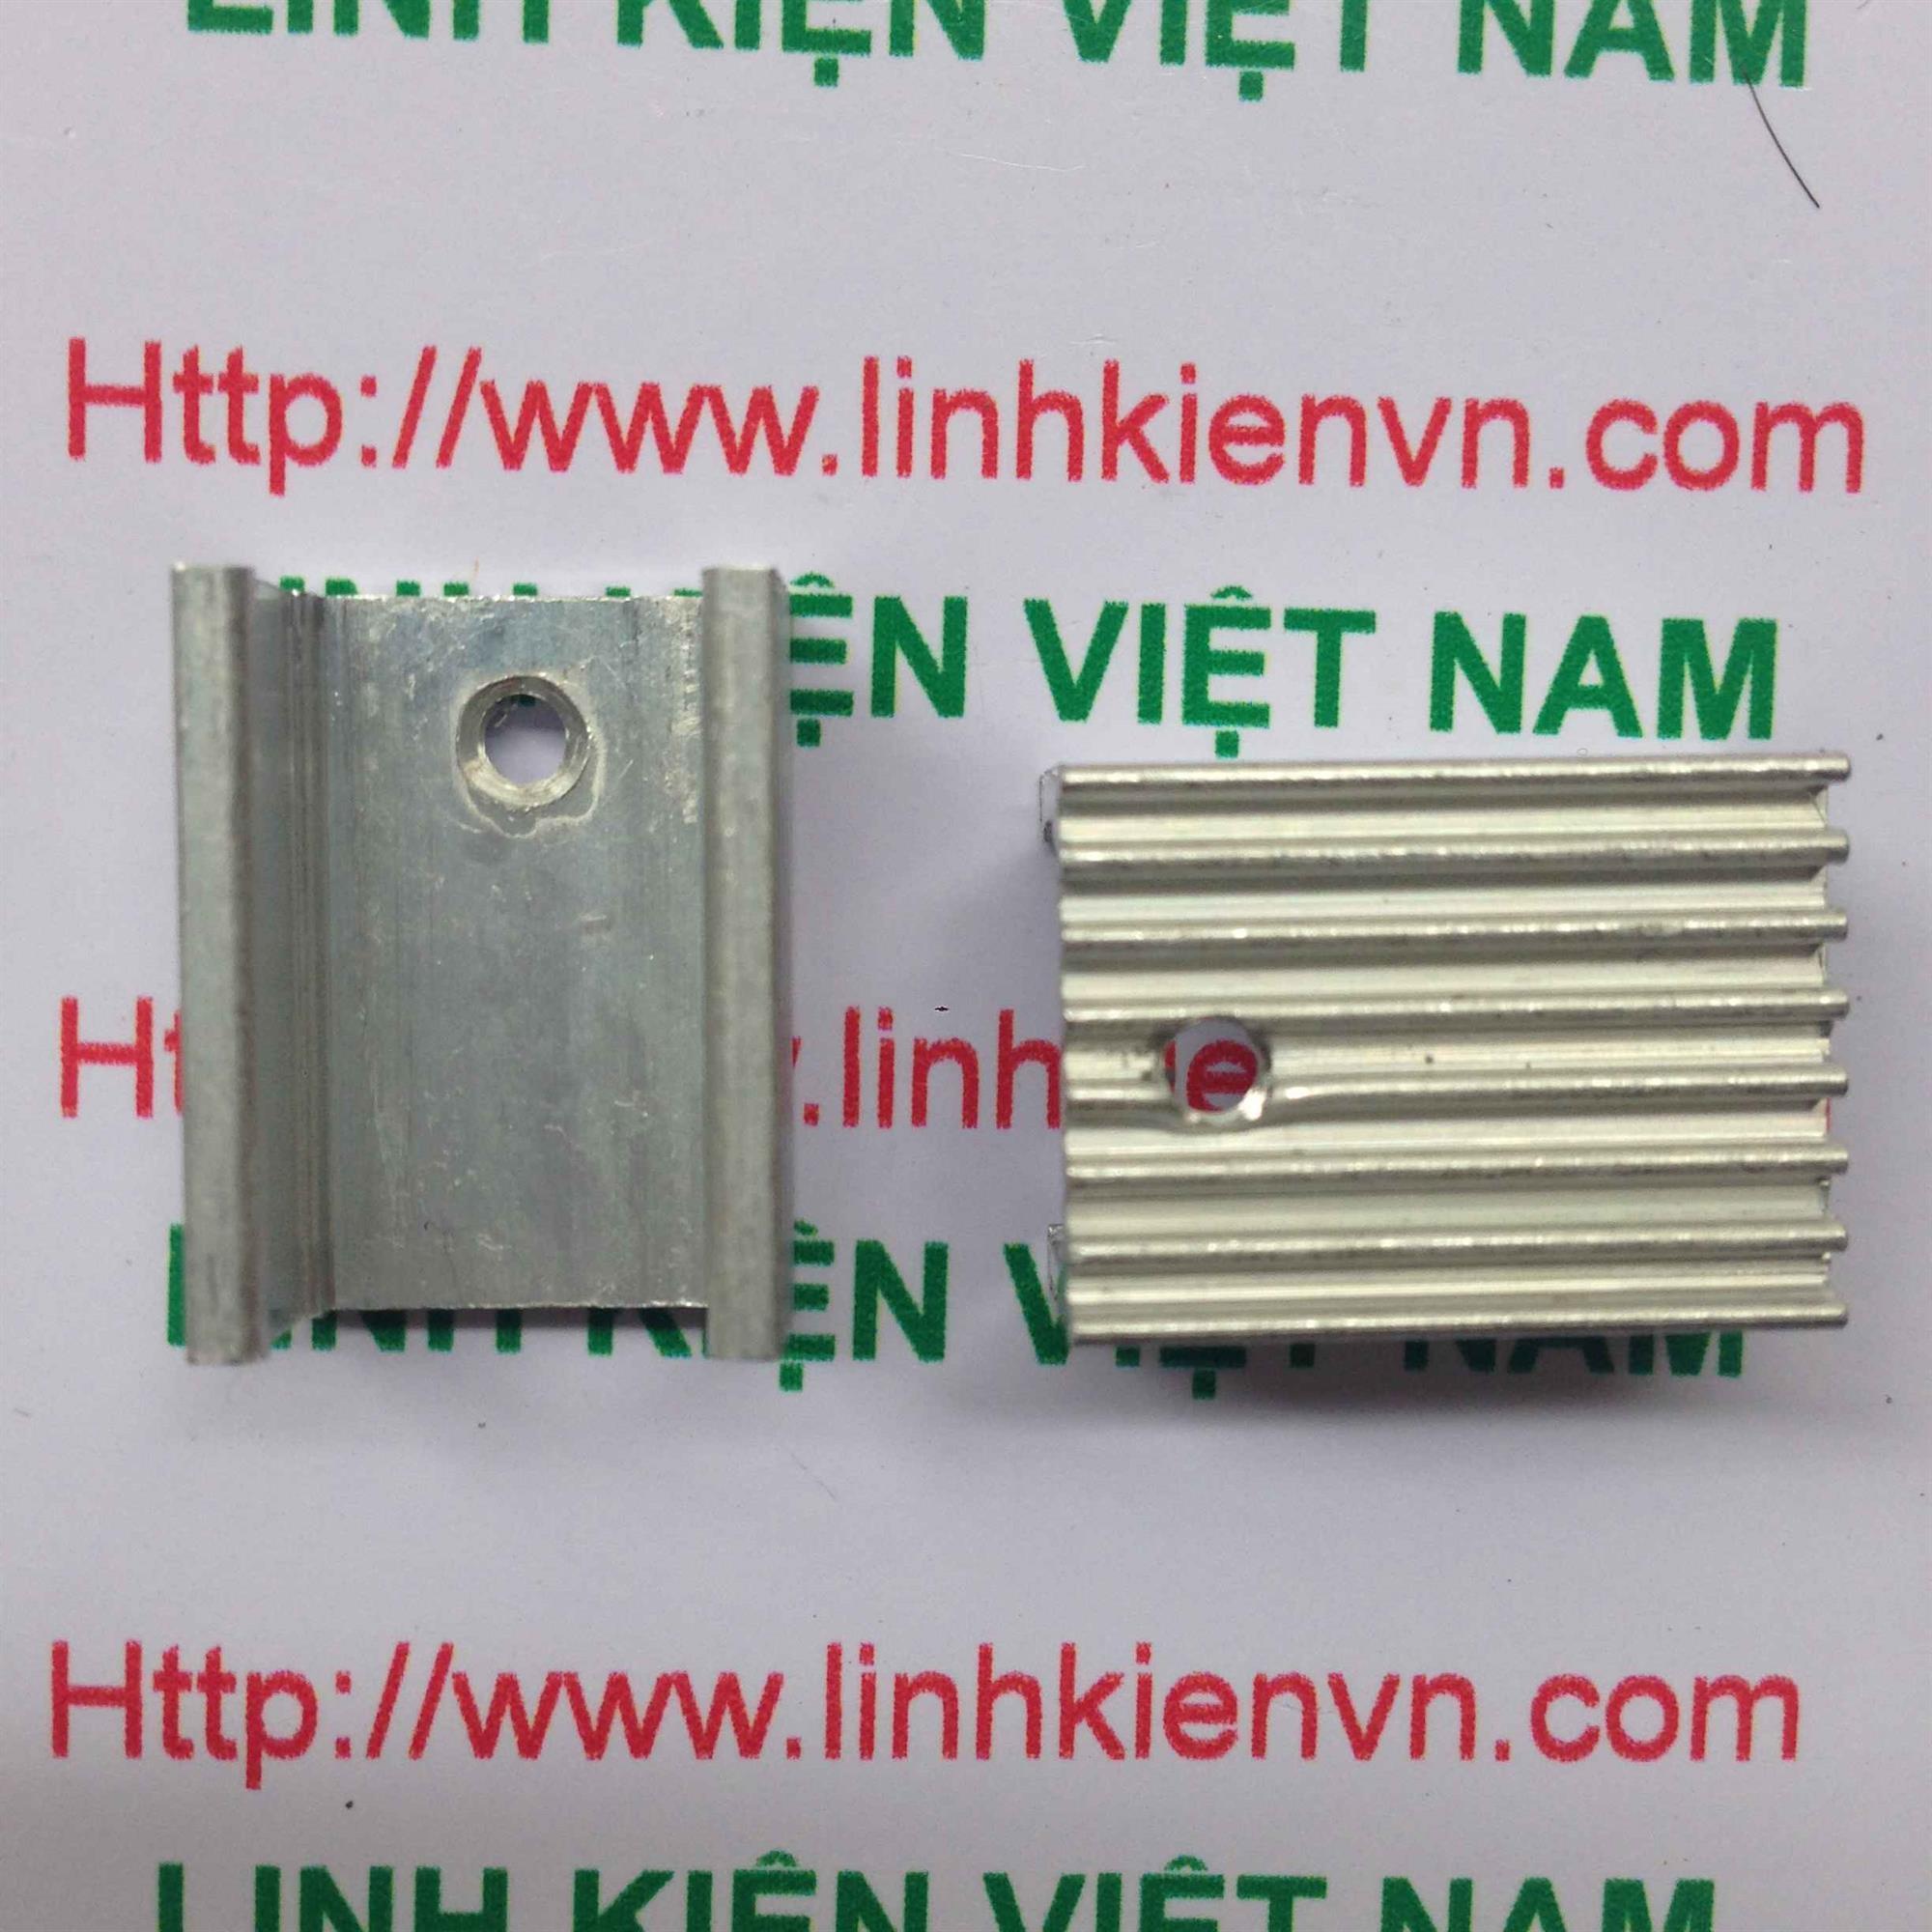 TẢN NHIỆT TO220 KHÔNG CHÂN - A6H2 (KA3H1)